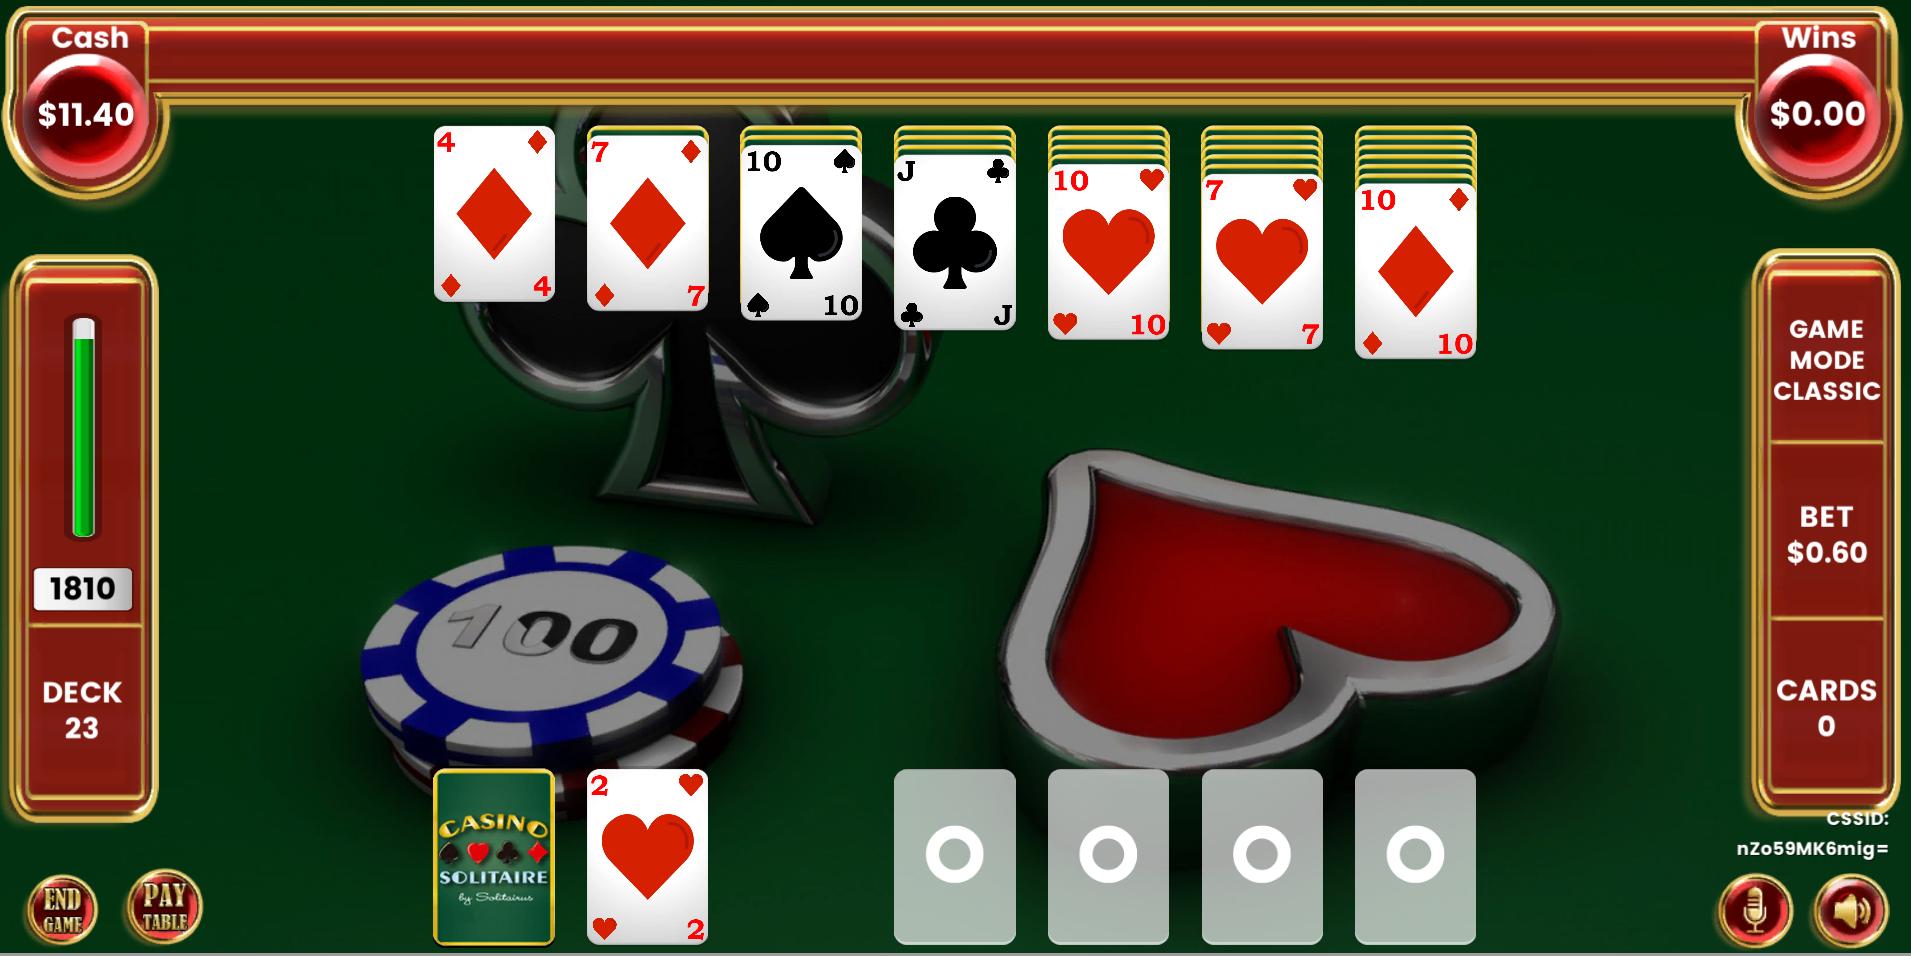 игра зарабатывать деньги играть онлайн бесплатно